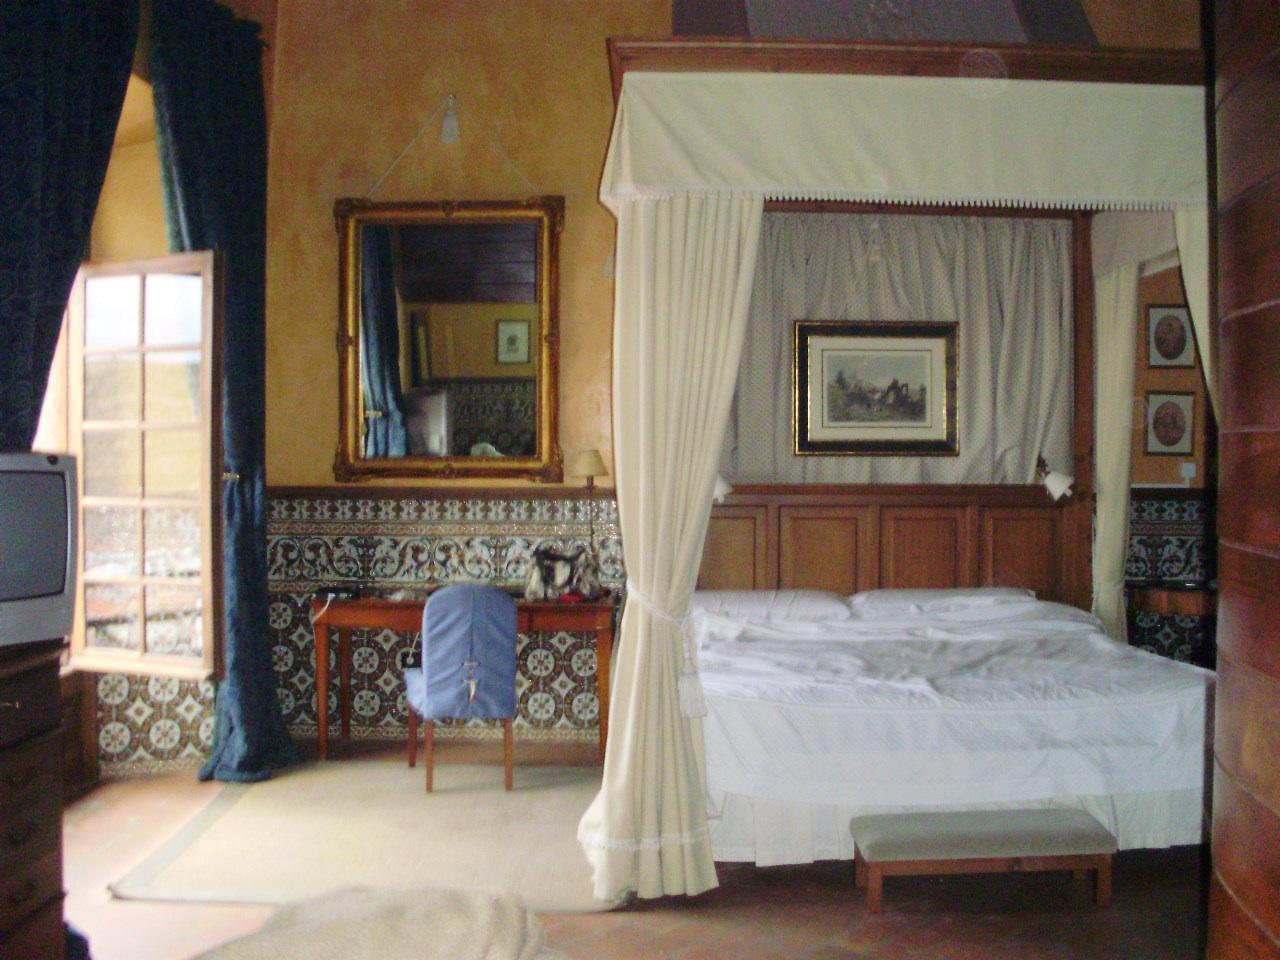 Cabeceros de cama de madera soluciones baratas para hacer en casa o comprar recicoraci n - Cama dosel madera ...